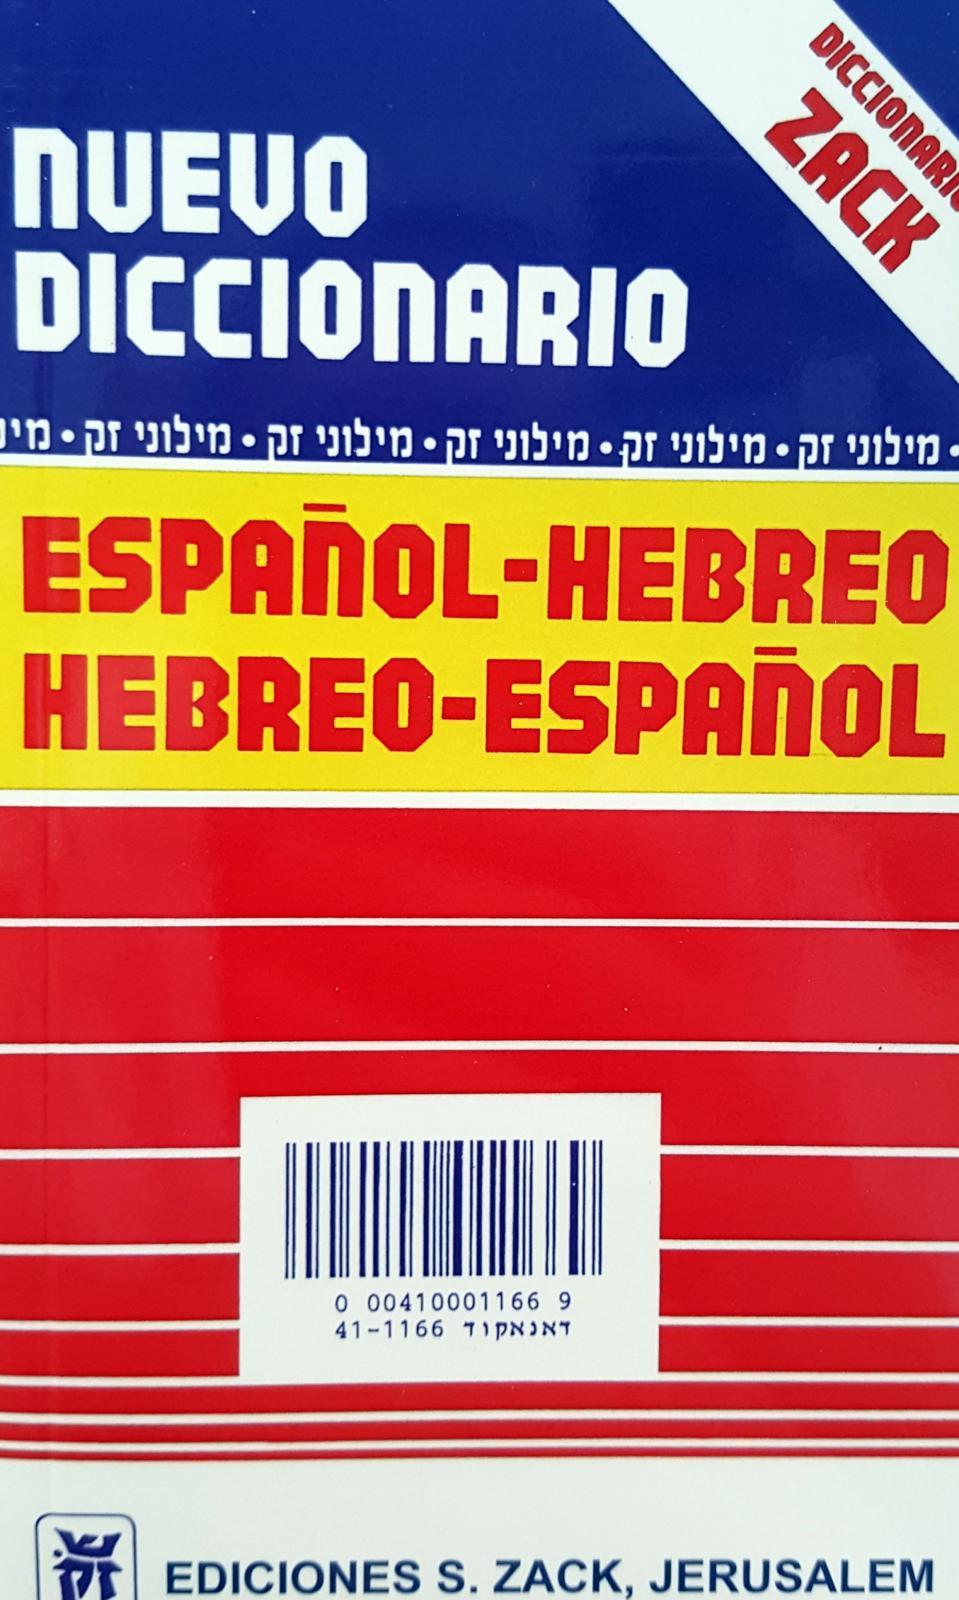 Nuevo Diccionario Hebreo - Español / Español - Hebreo 25.000  términos